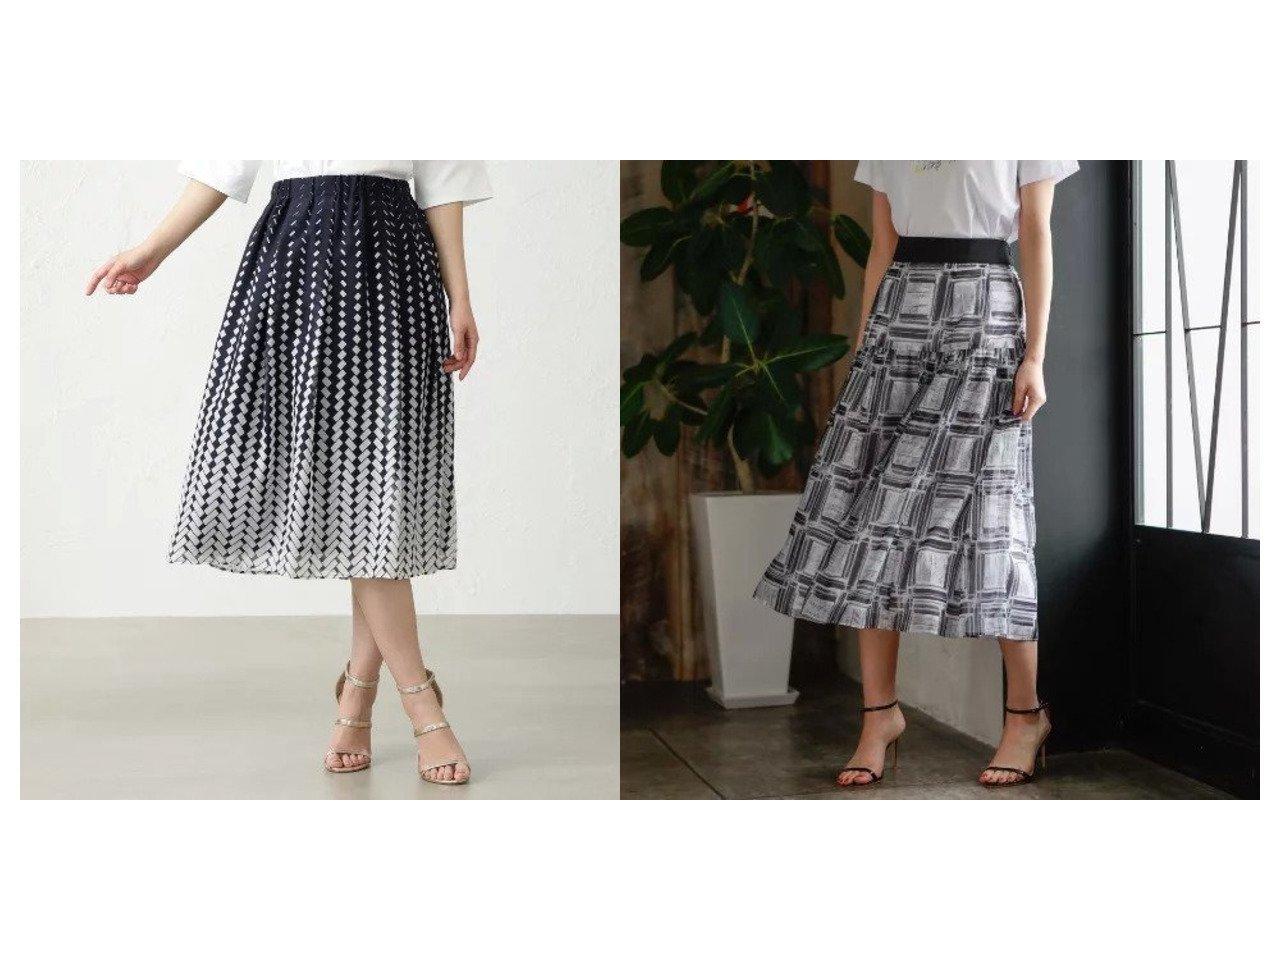 【AMACA/アマカ】のシアースクエアシャーリングスカート&オブティカルグラデーションスカート 【スカート】おすすめ!人気、トレンド・レディースファッションの通販 おすすめで人気の流行・トレンド、ファッションの通販商品 インテリア・家具・メンズファッション・キッズファッション・レディースファッション・服の通販 founy(ファニー) https://founy.com/ ファッション Fashion レディースファッション WOMEN スカート Skirt オーガンジー シャーリング シンプル スタイリッシュ チェック プリント マキシ ロング 夏 Summer 無地 ギャザー グラデーション ドレープ ランダム |ID:crp329100000049400